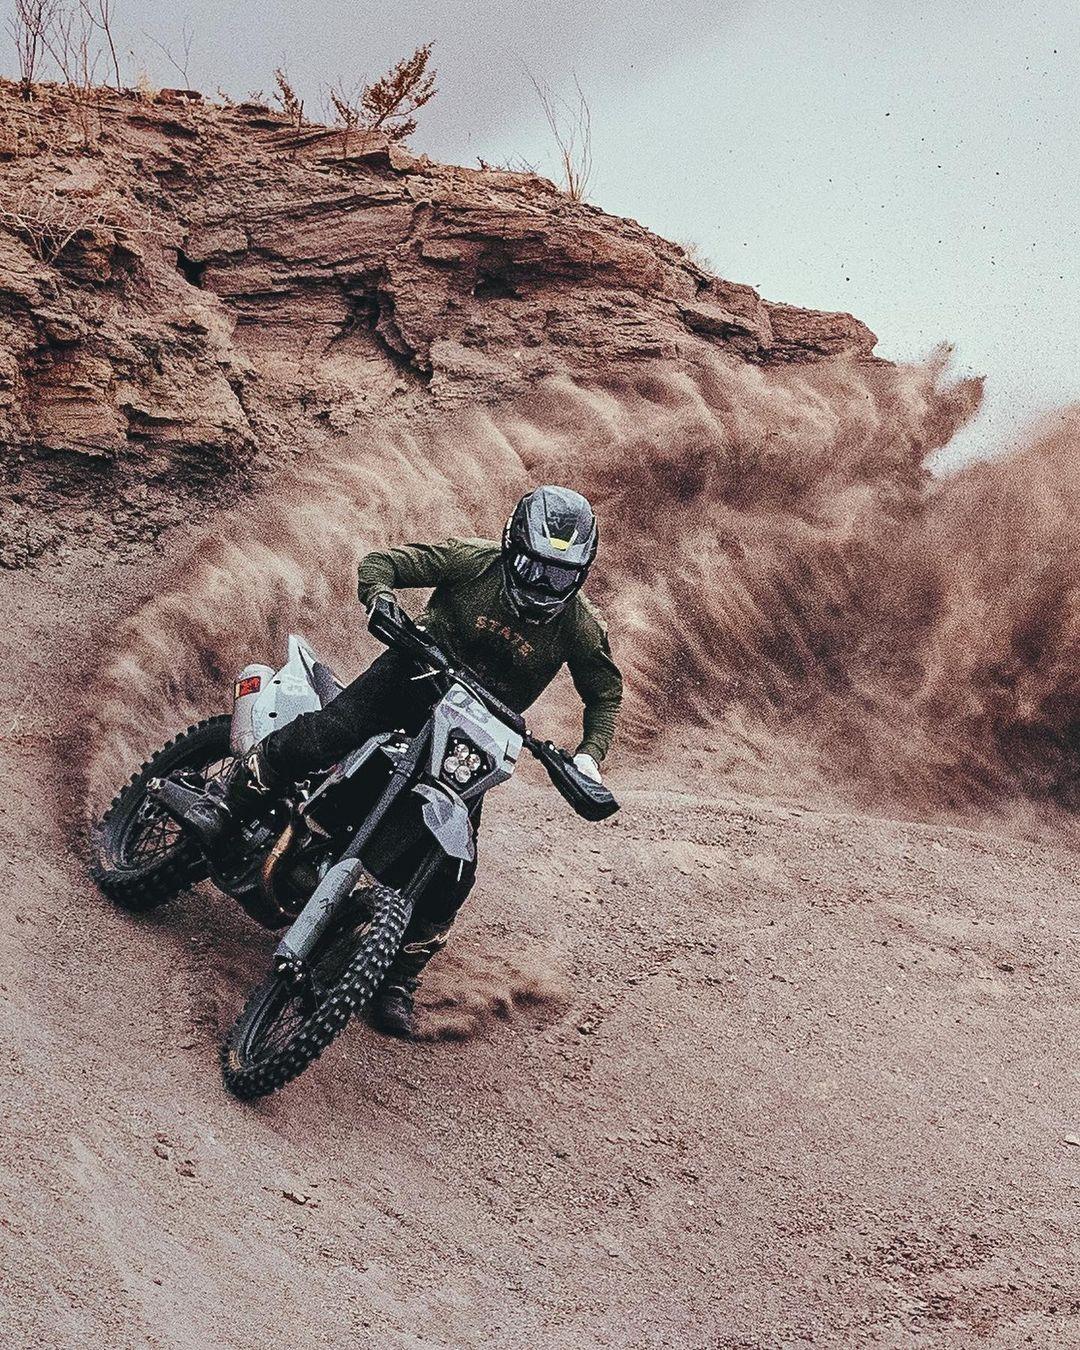 Динамичные снимки автомобилей и мотоциклов от Аарона Бримхолла